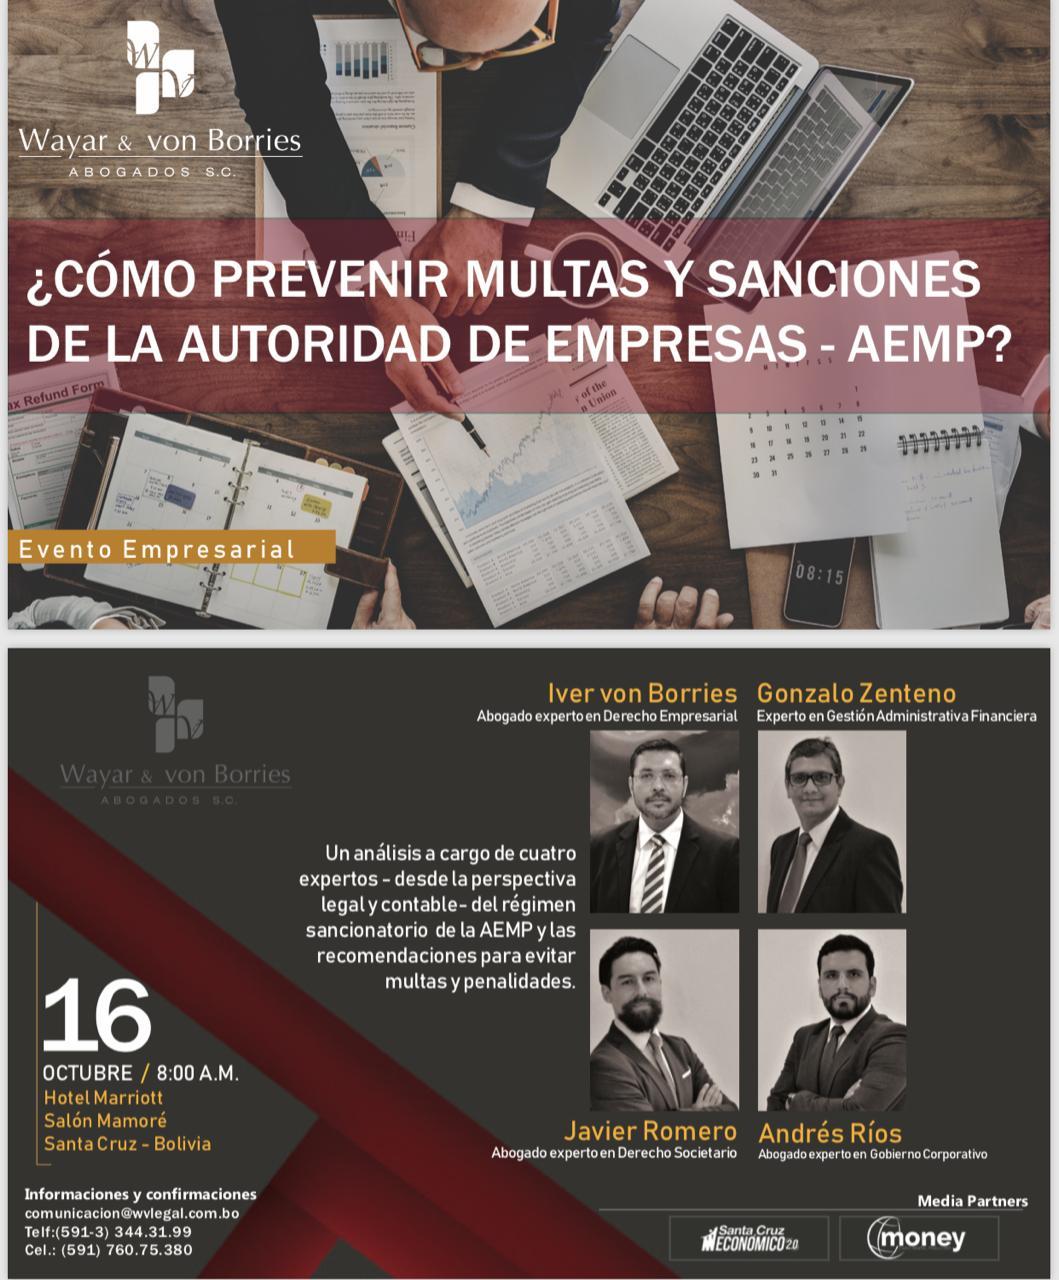 Evento para prevenir multas de la autoridad de empresas